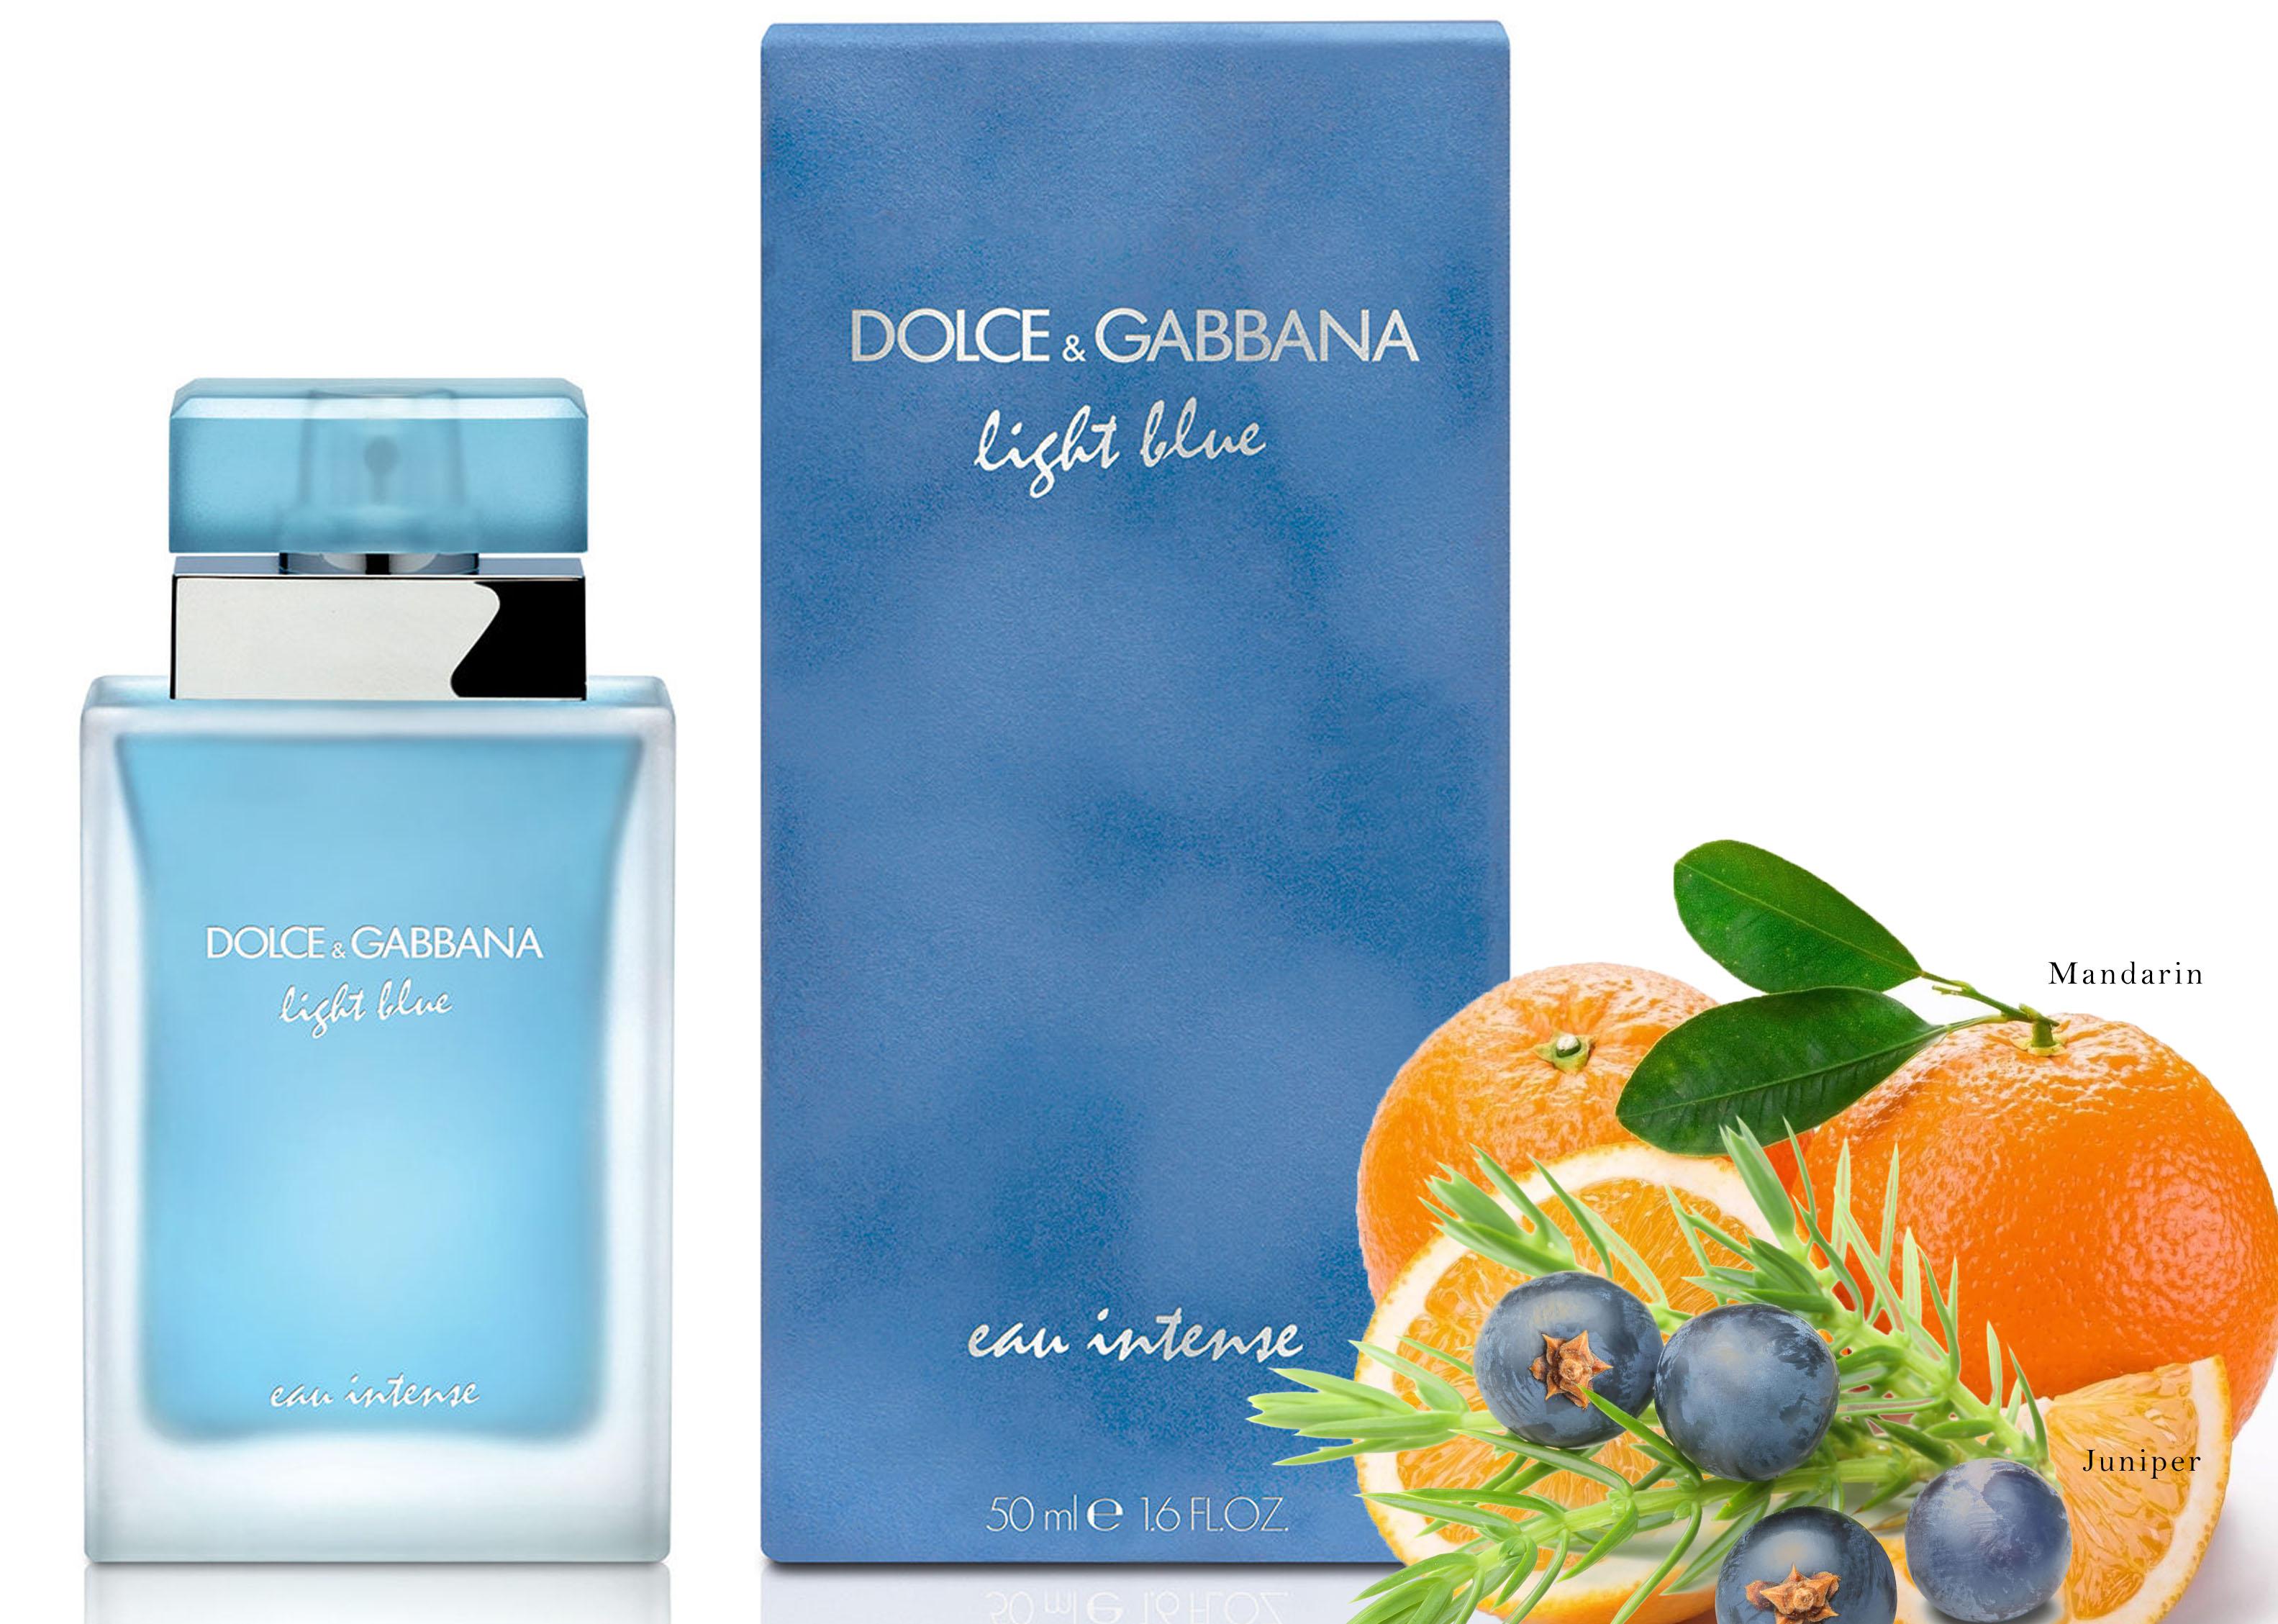 10ee214b56c1 Dolce   Gabbana light blue eau intense